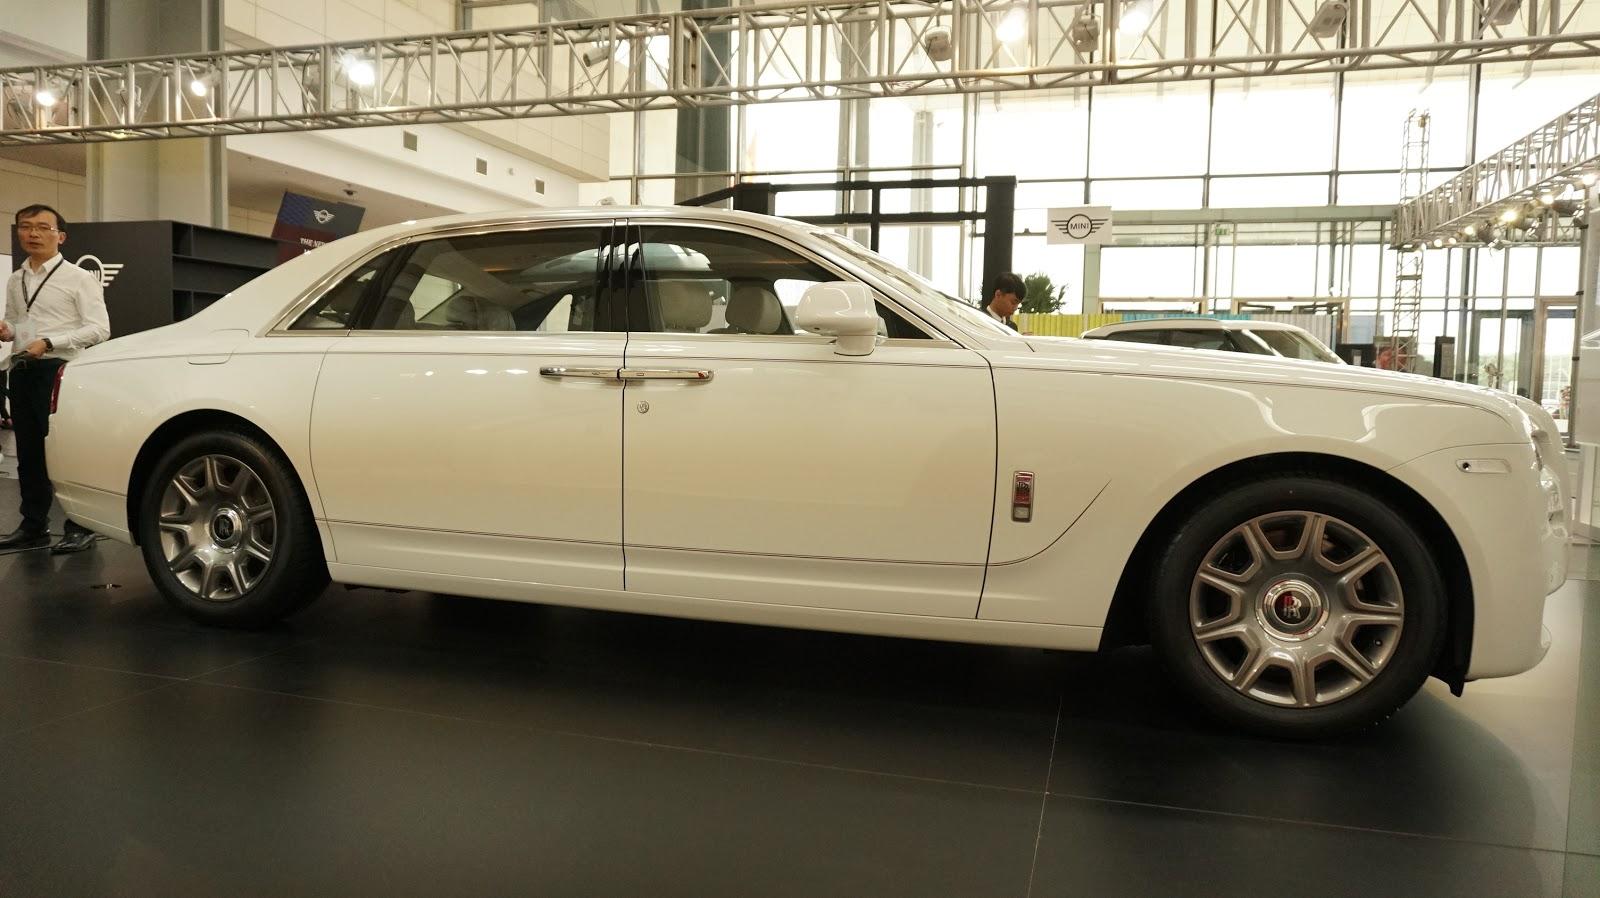 Rolls-Royce Ghost Series II bản màu trắng bóng nhoáng, tinh tế và sang từng góc cạnh